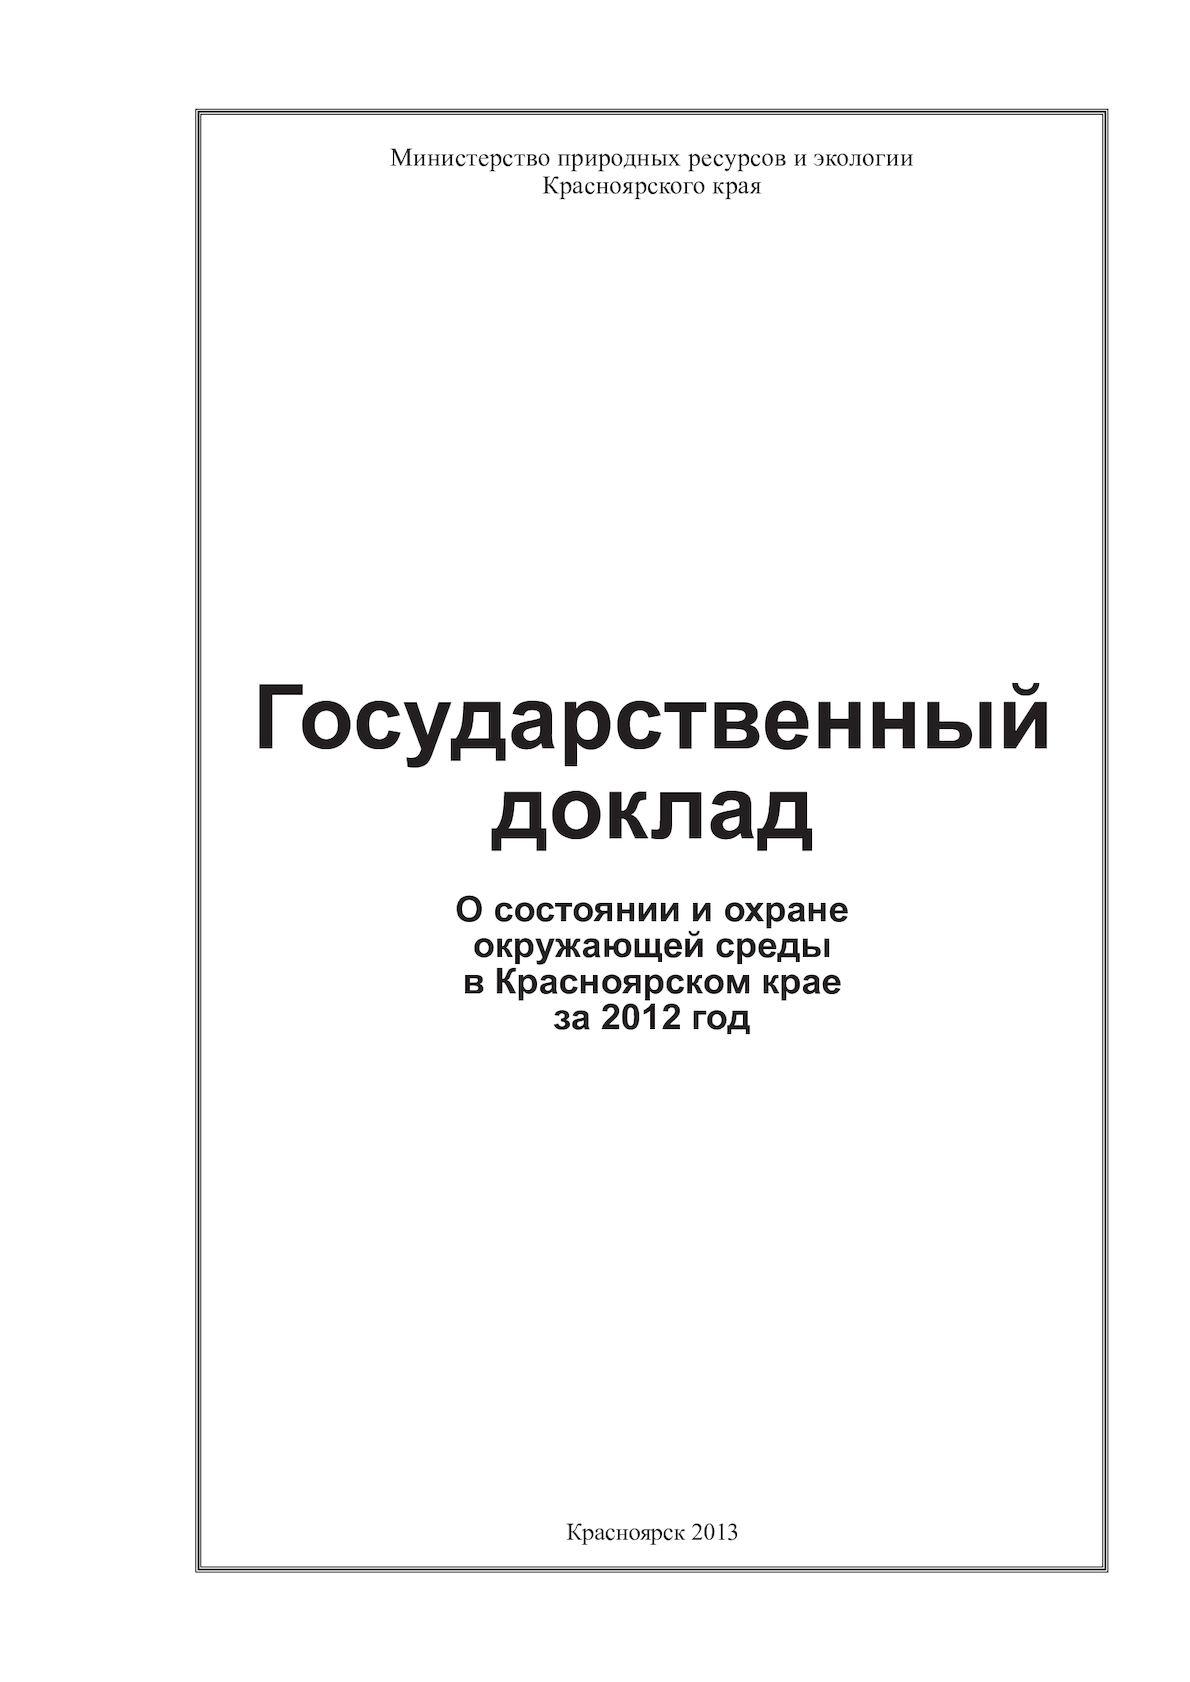 инструкция 2255 о порядке проведения гигиенической экспертизы статус